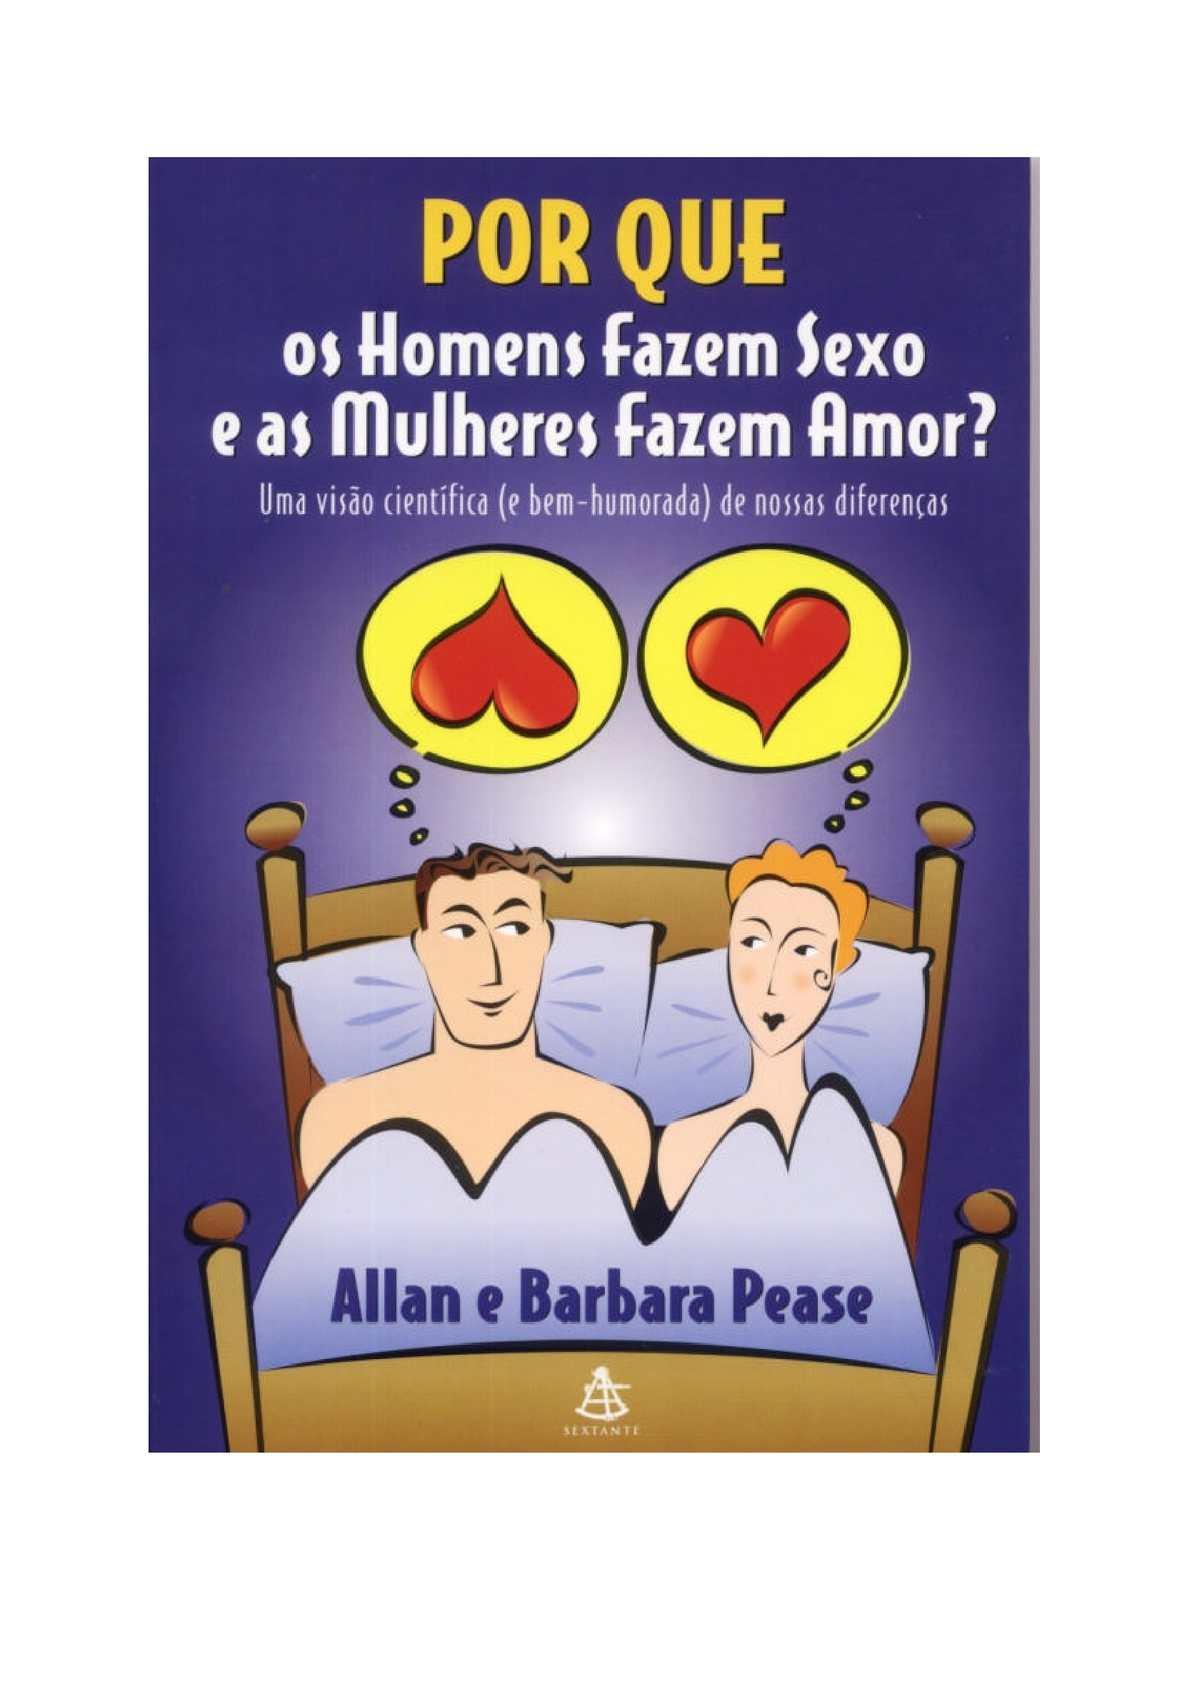 Calaméo - Por que os homens fazem sexo e as mulheres fazem amor 7776e391e4b